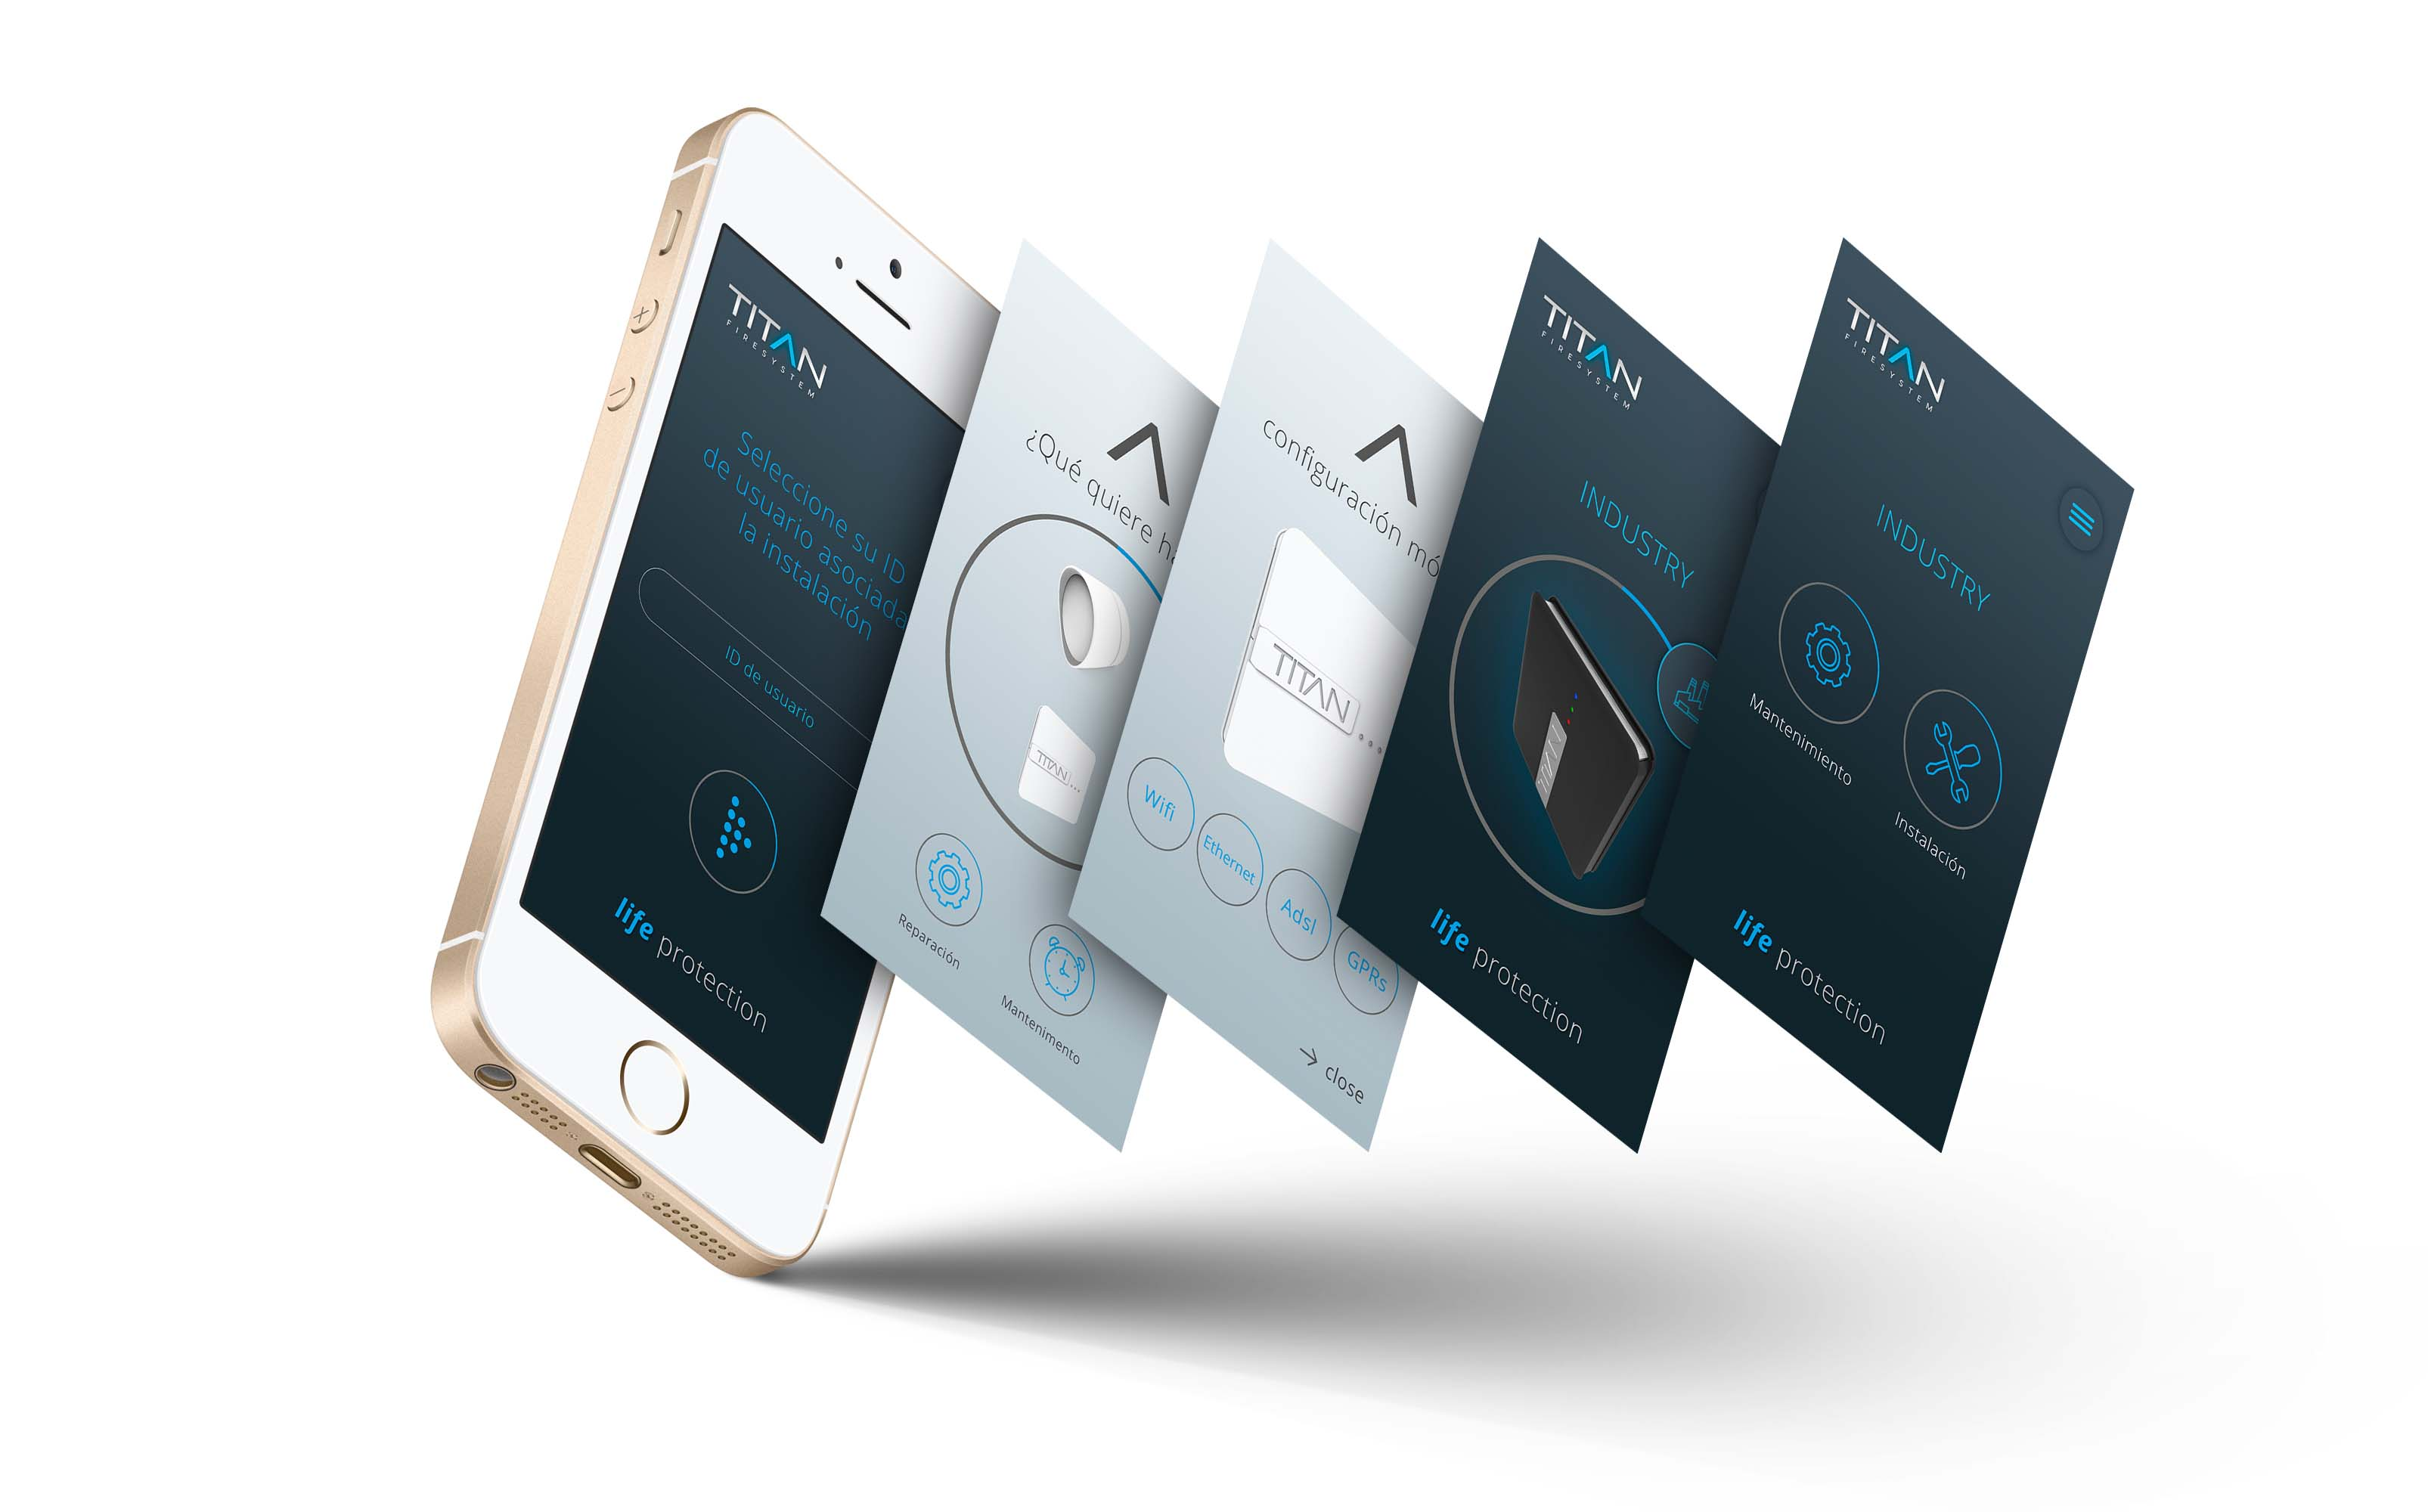 Diseño App Titan Fire System - Multimedia